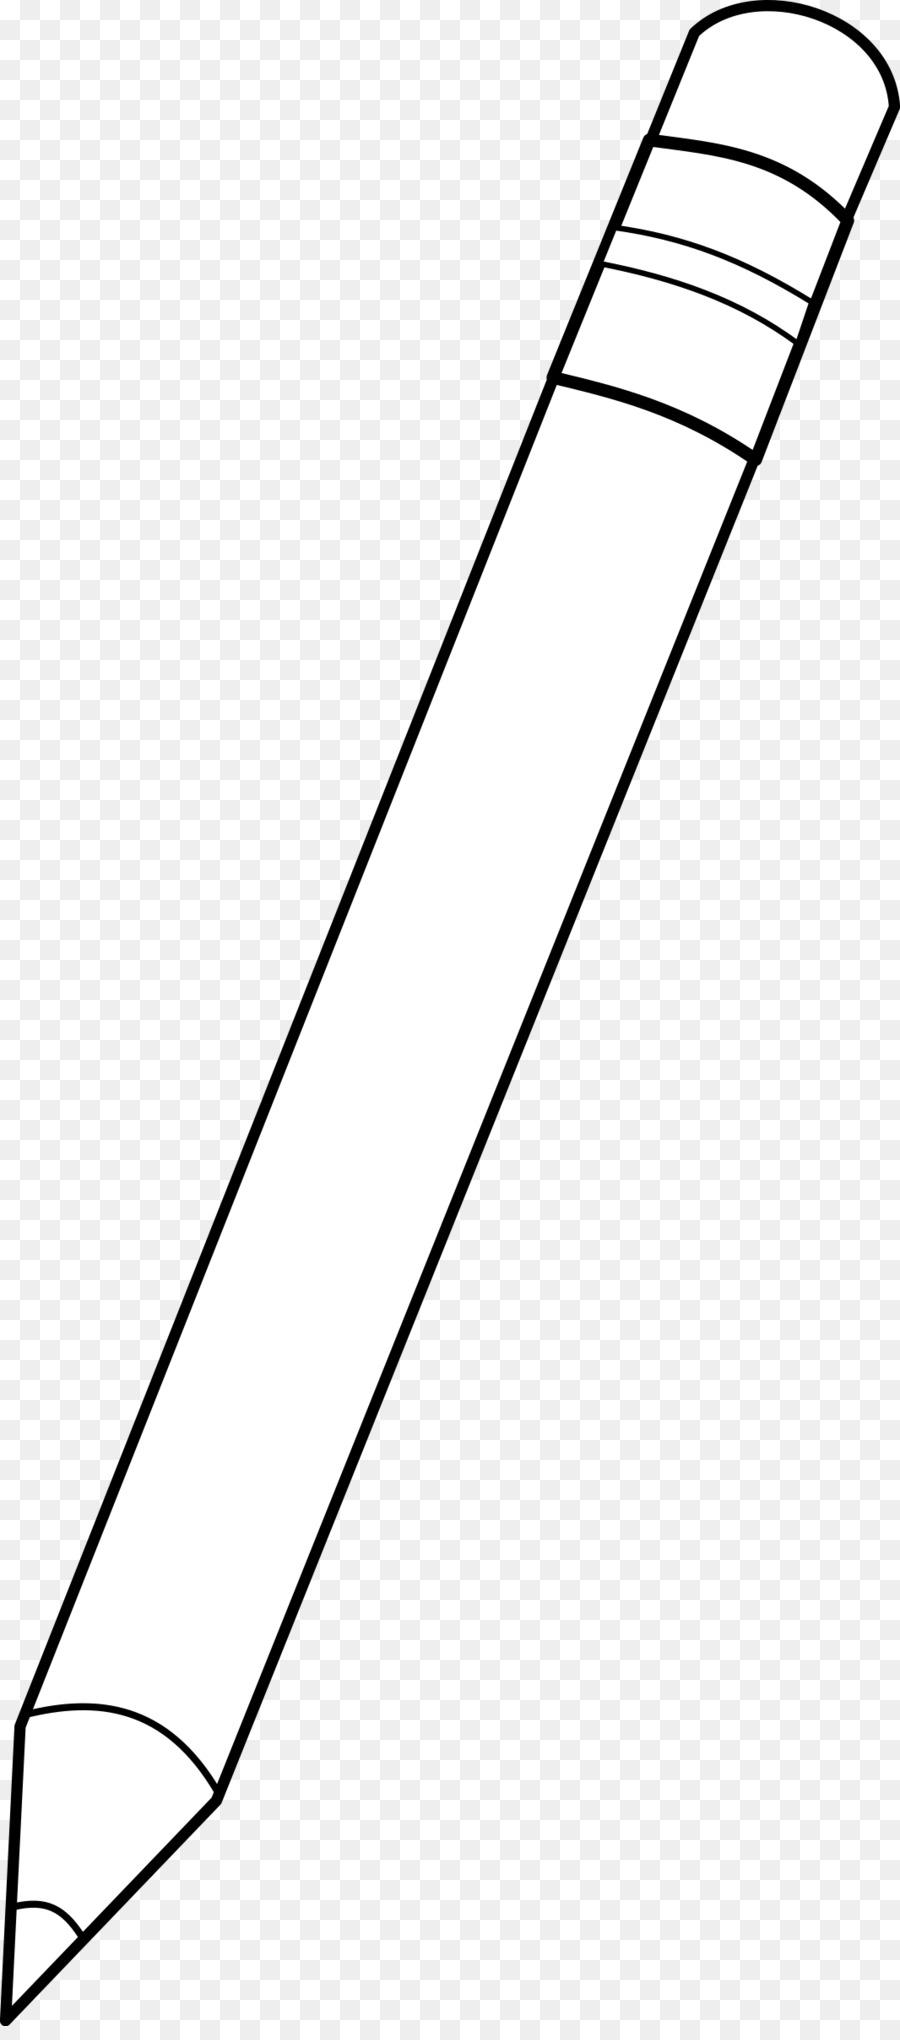 Pencil white. Cliparttransparent png image clipart